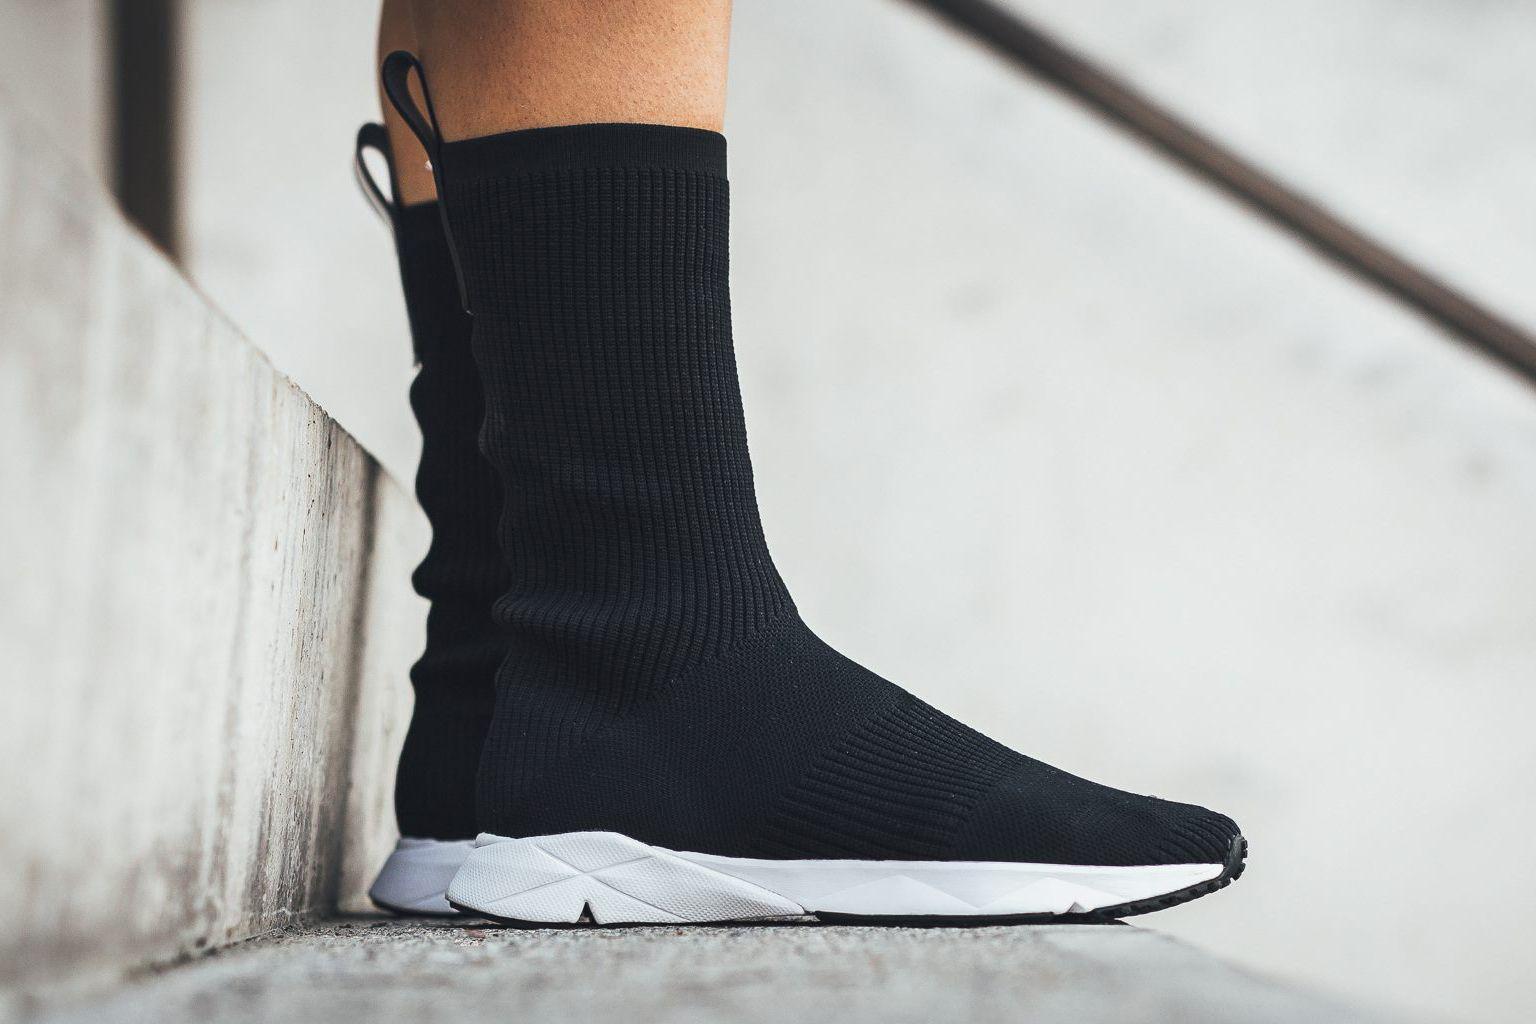 af923c0c9d7a An On-Feet Look at the Reebok Sock Runner Ultraknit